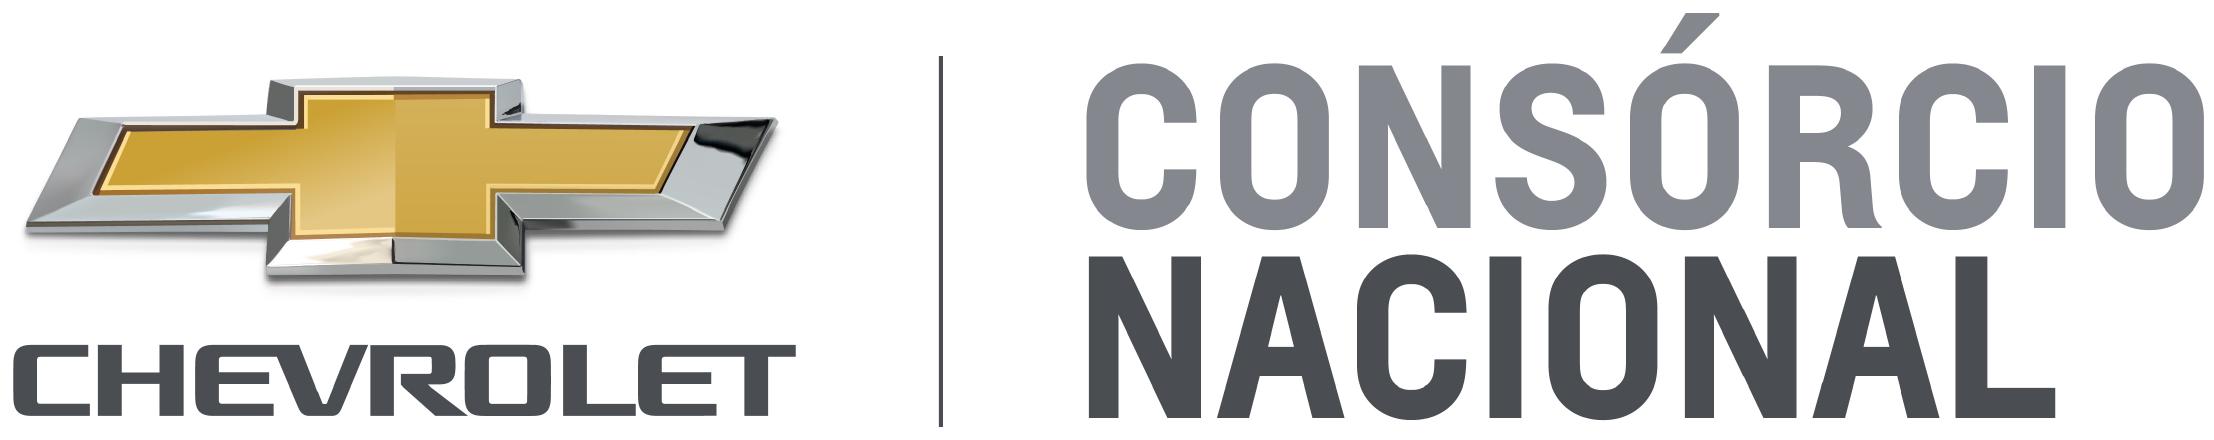 consórcio nacional federalle